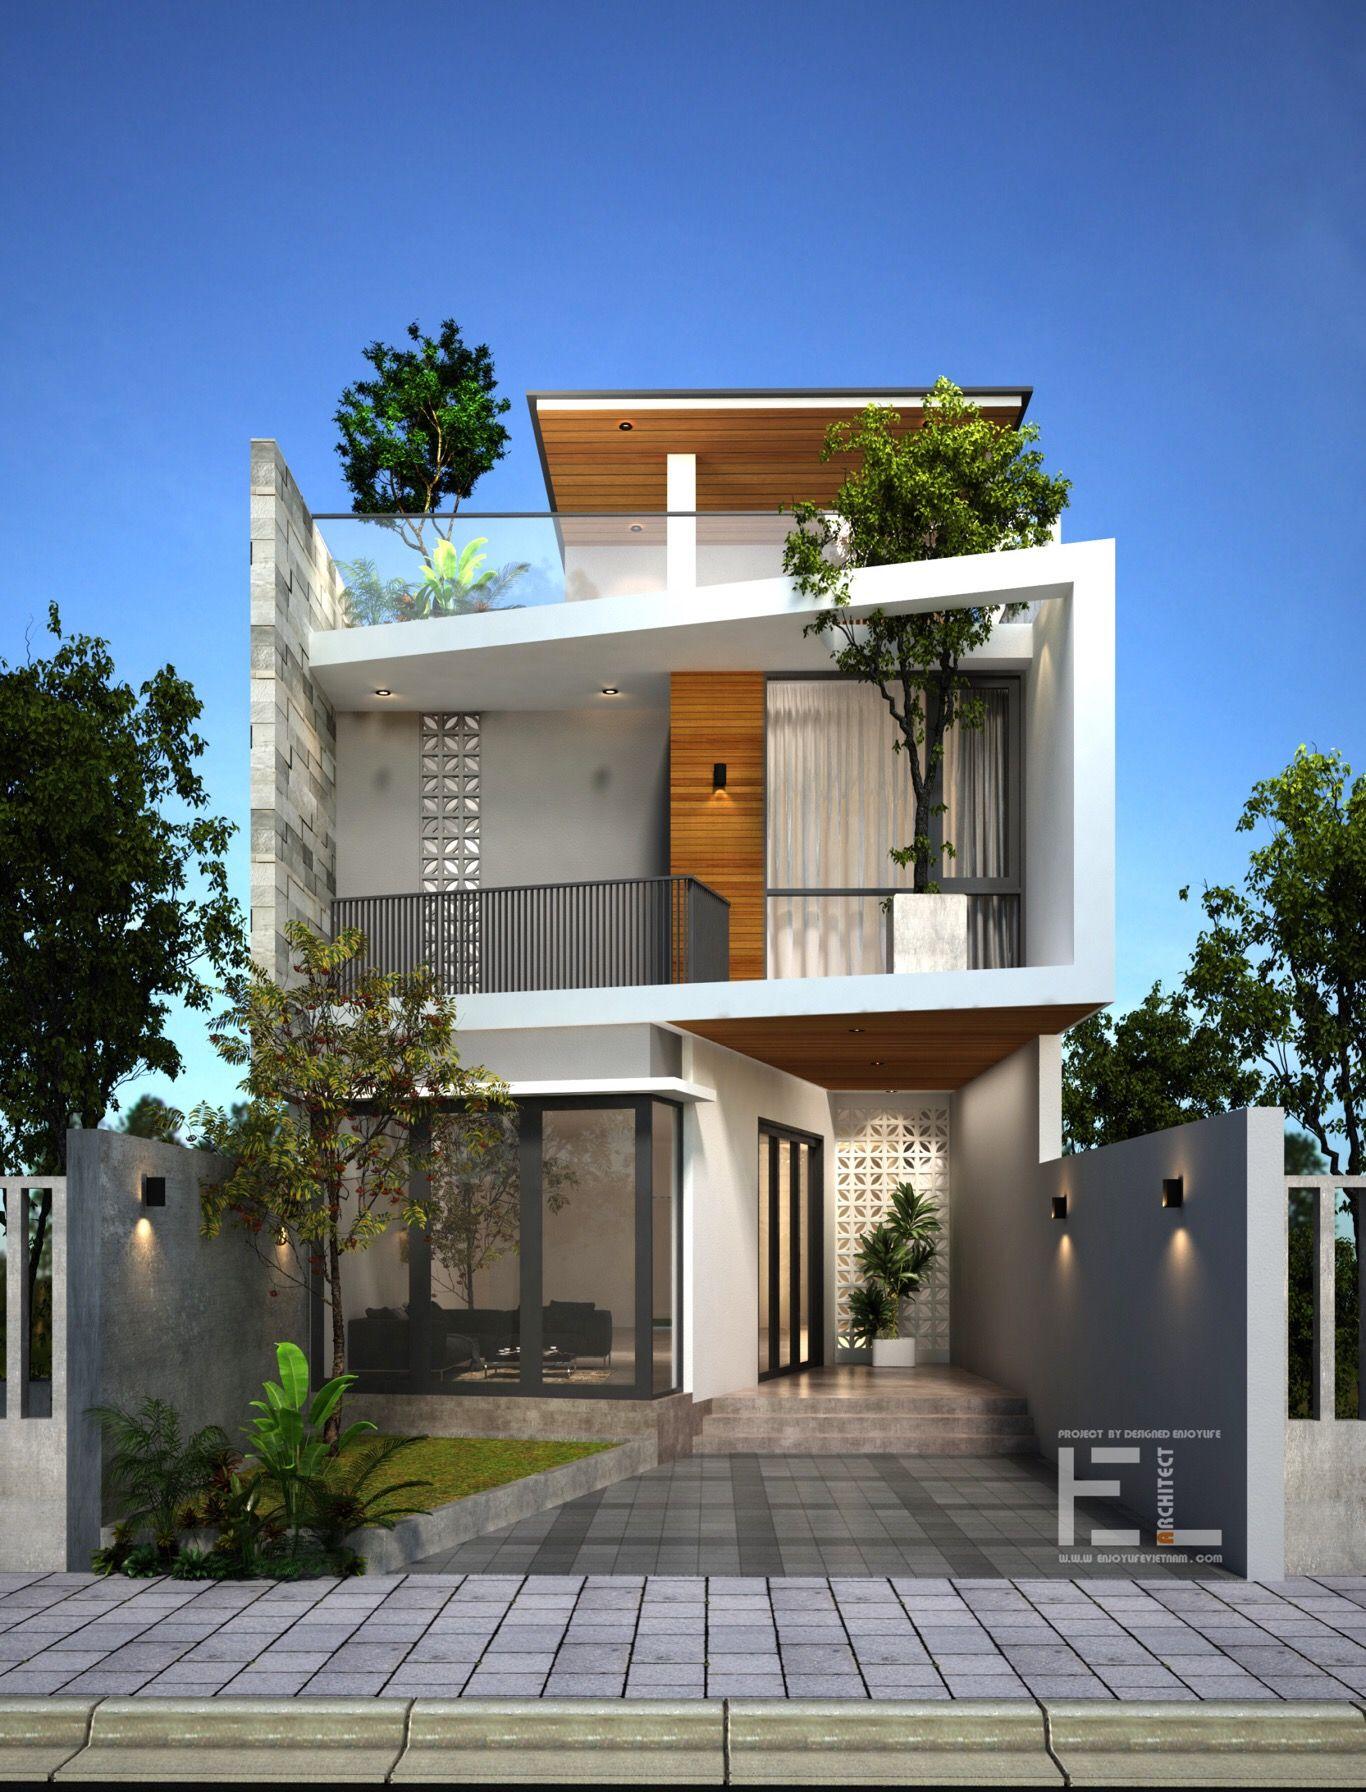 Modern architecture house design interior also interesting in pinterest rh